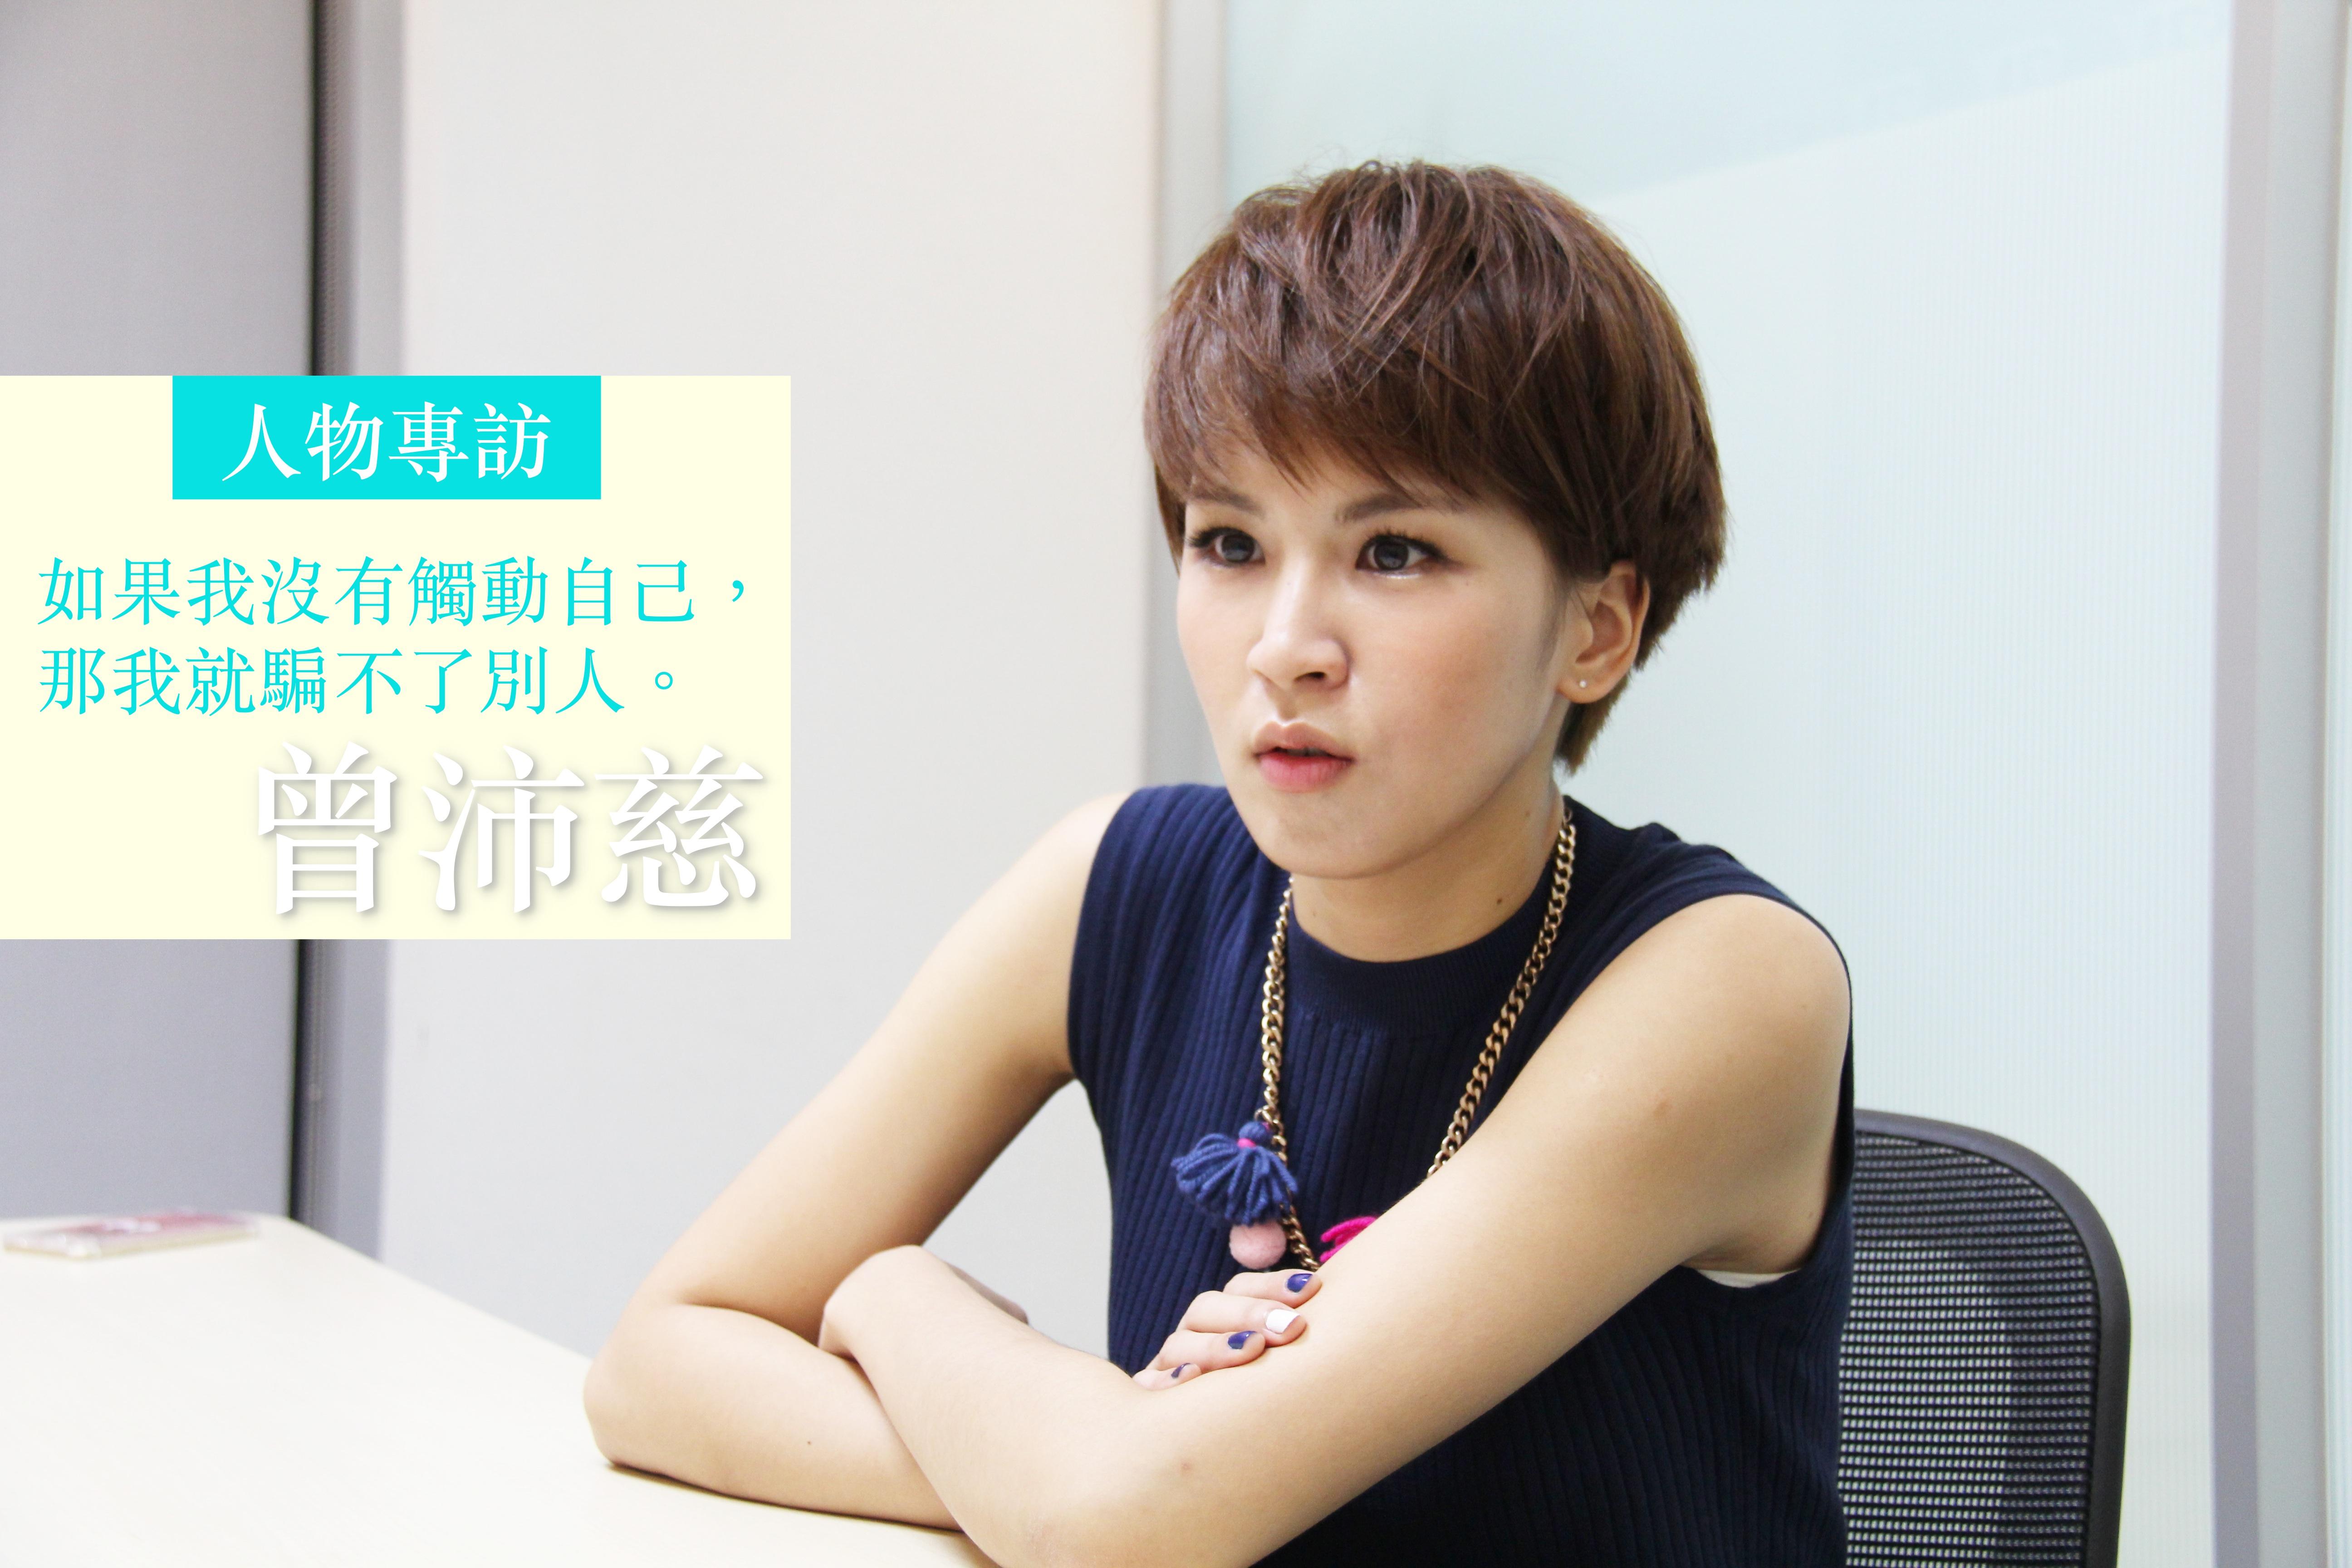 曾沛慈專訪首圖